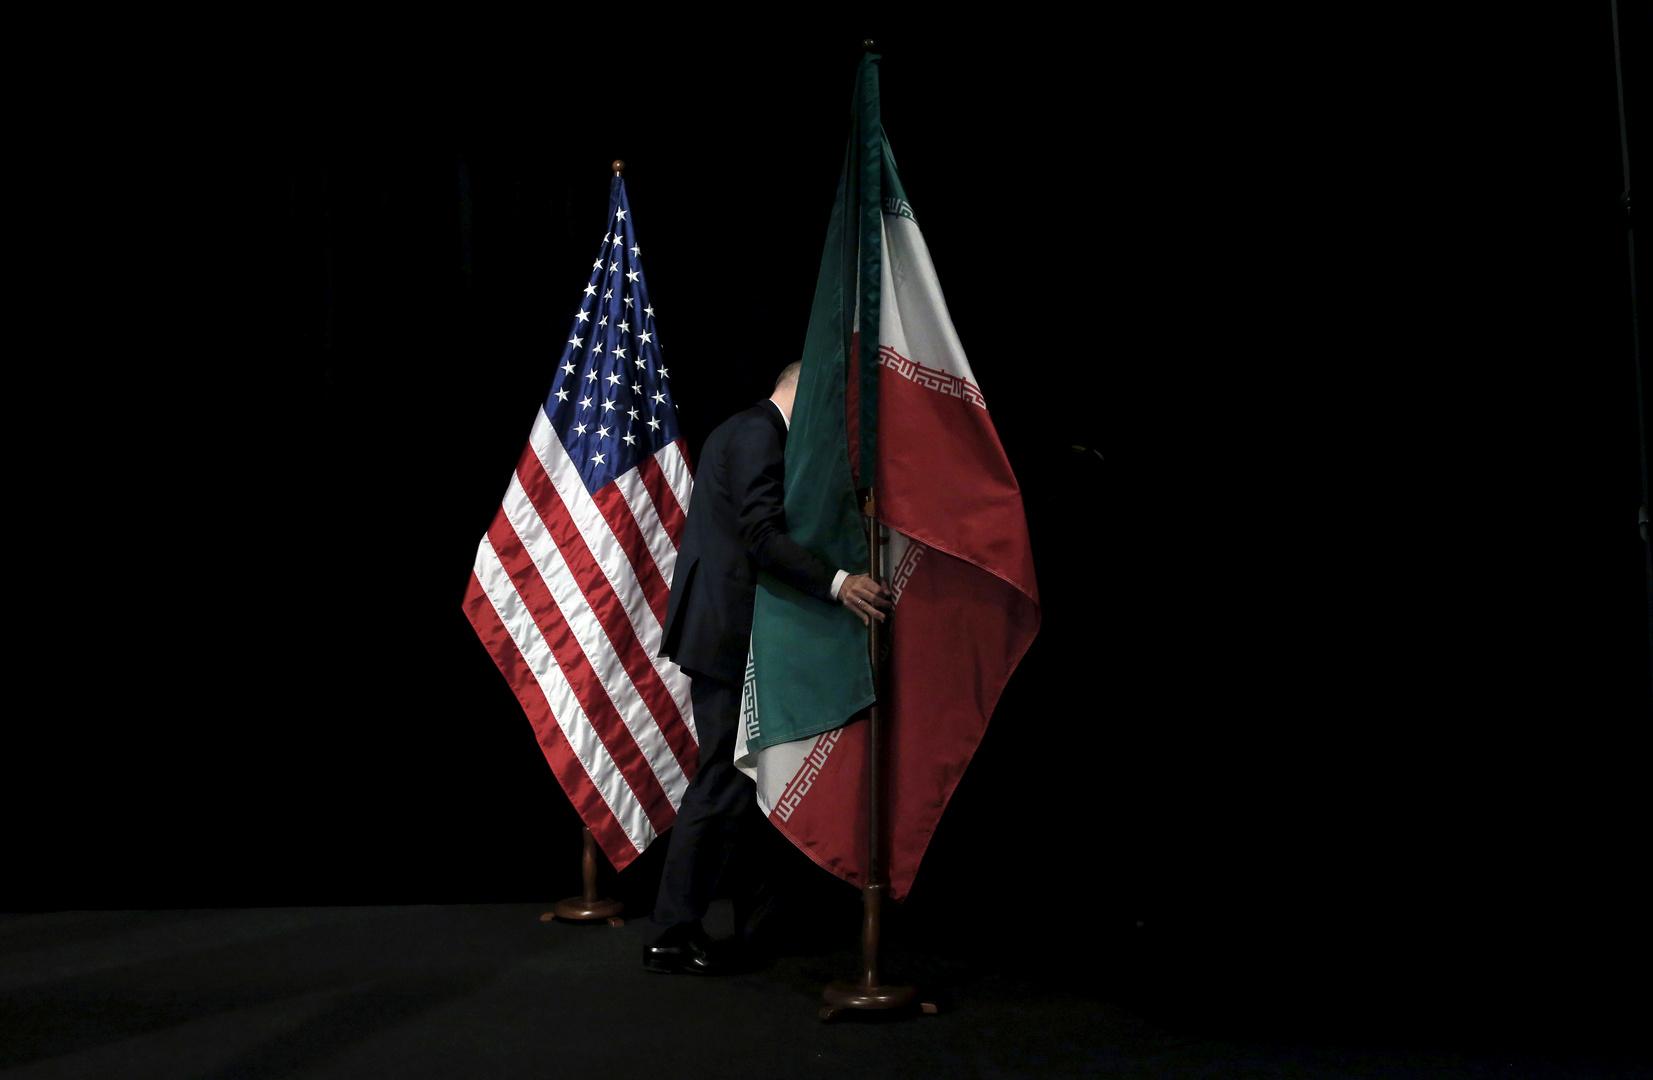 واشنطن: يجب أن تكون هناك فرصة للتفاوض على شيء أقوى من الاتفاق النووي مع إيران